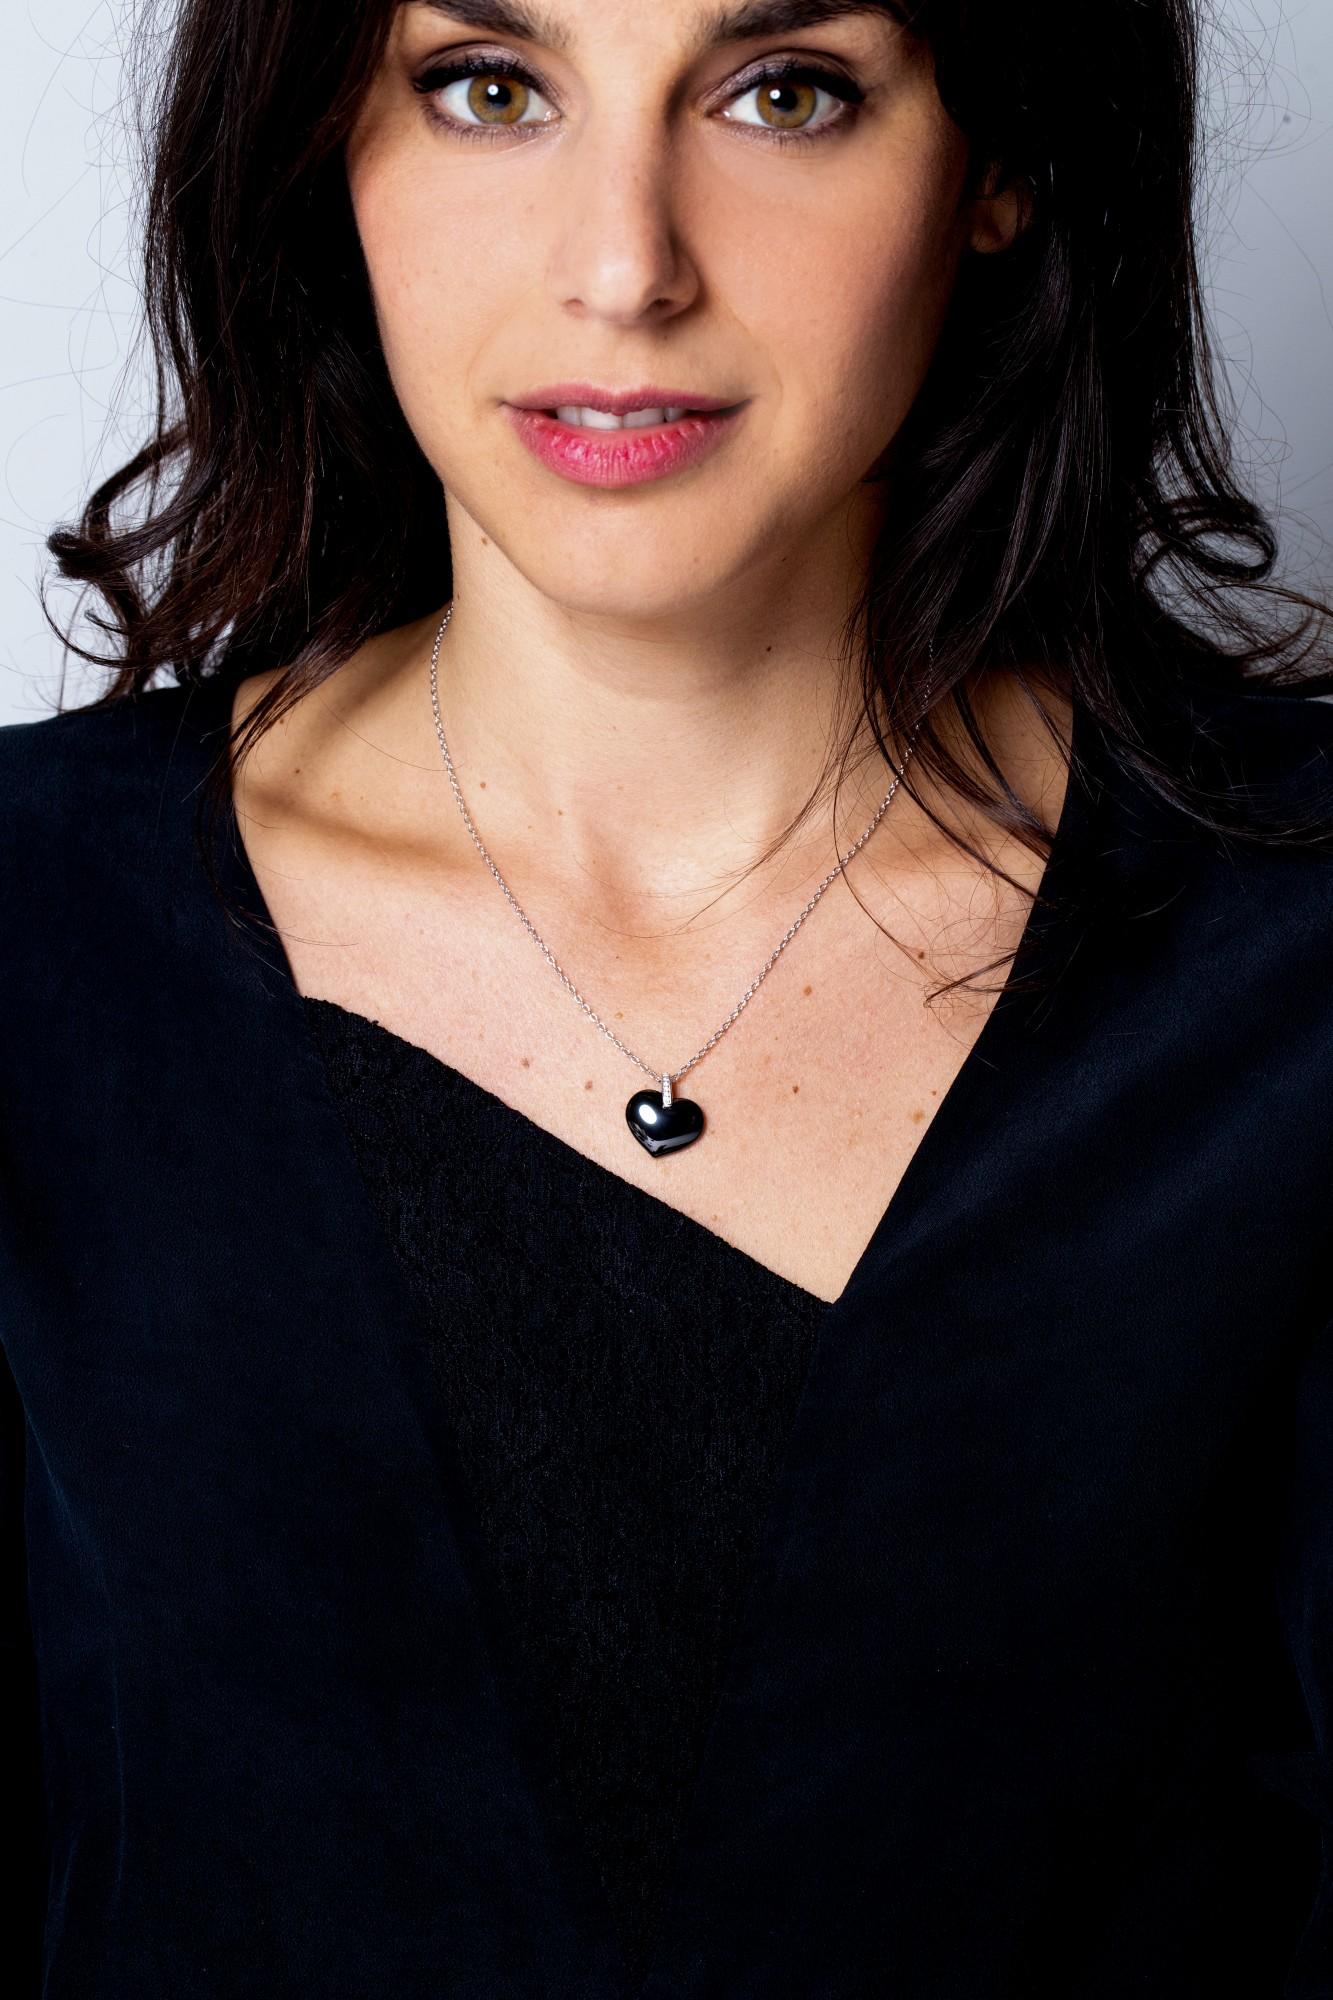 Collier argent 925 millièmes rhodié Femme CERANITY